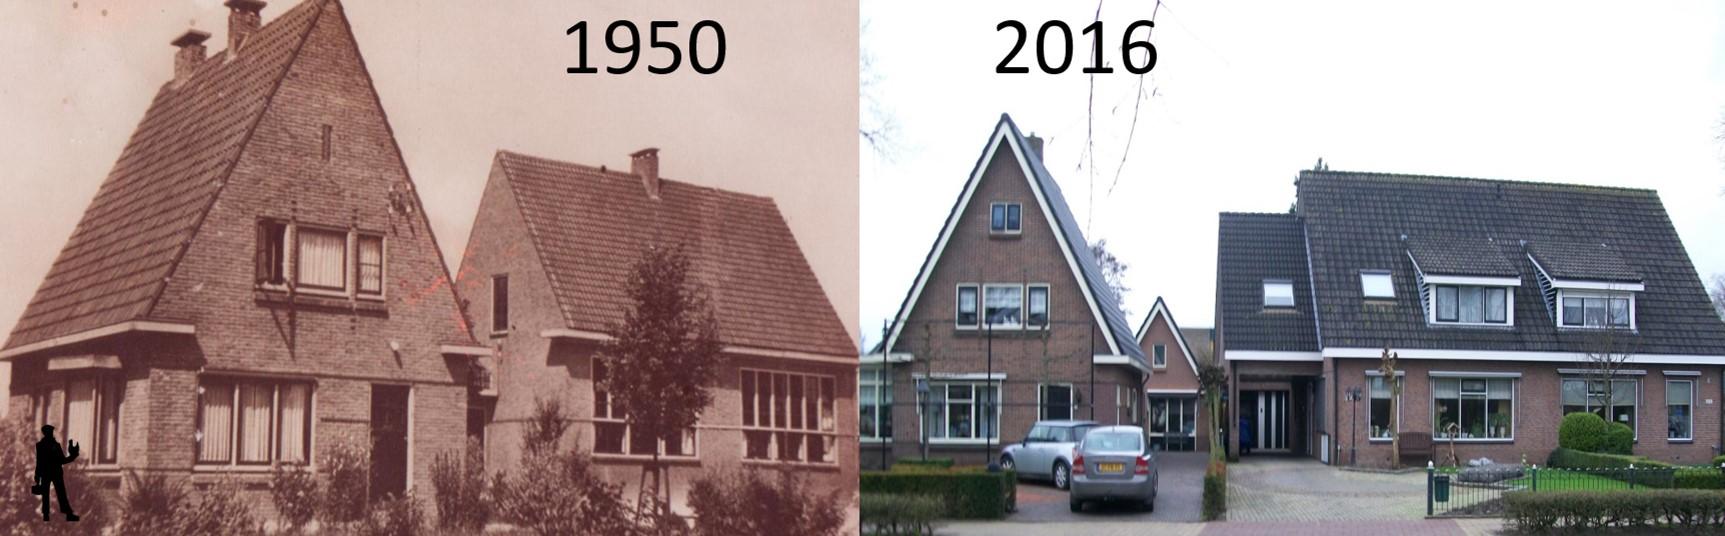 hoofdweg-1950-2016-2